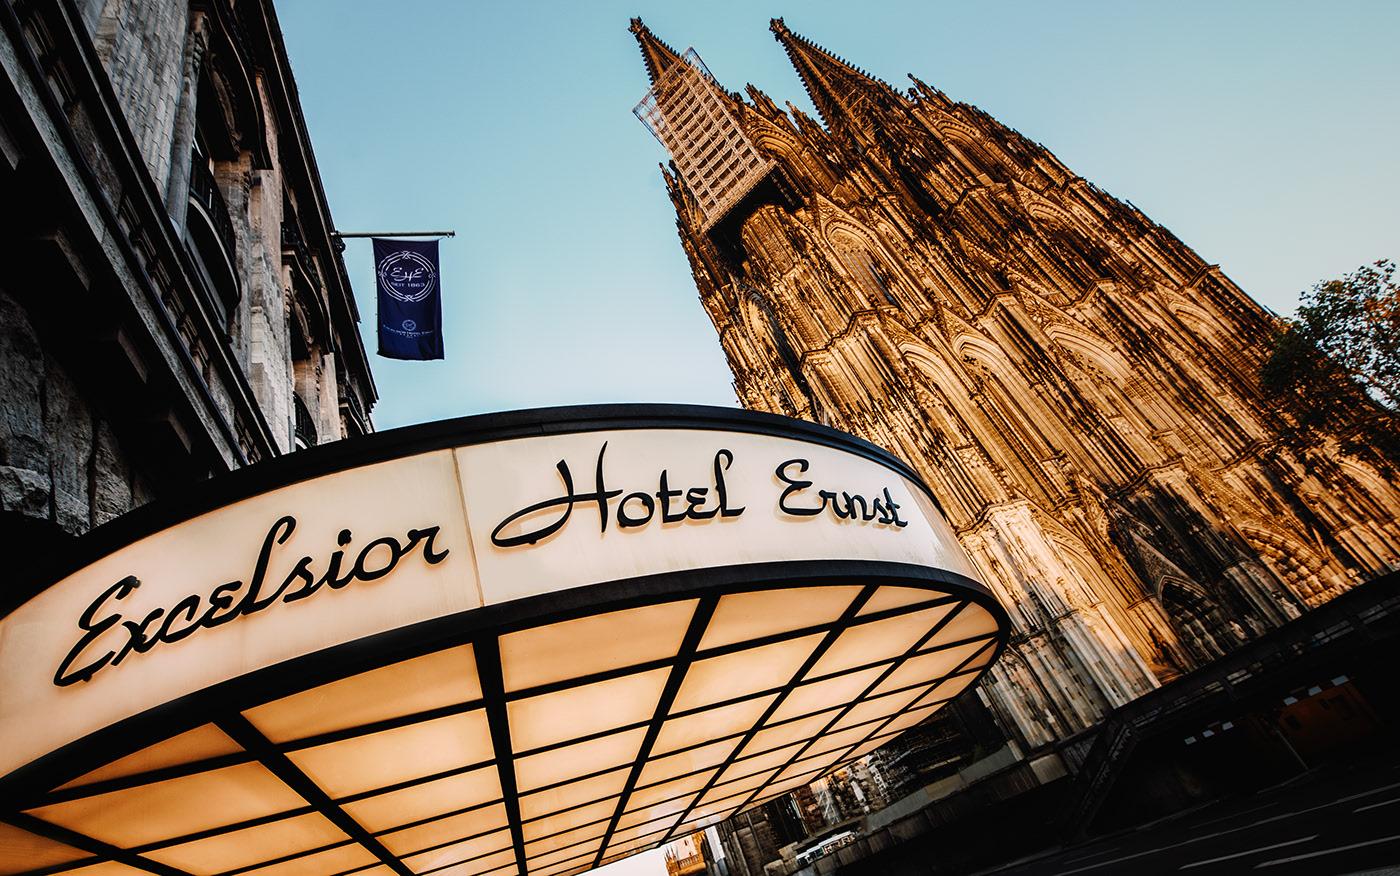 excelsior hotel ernst 9